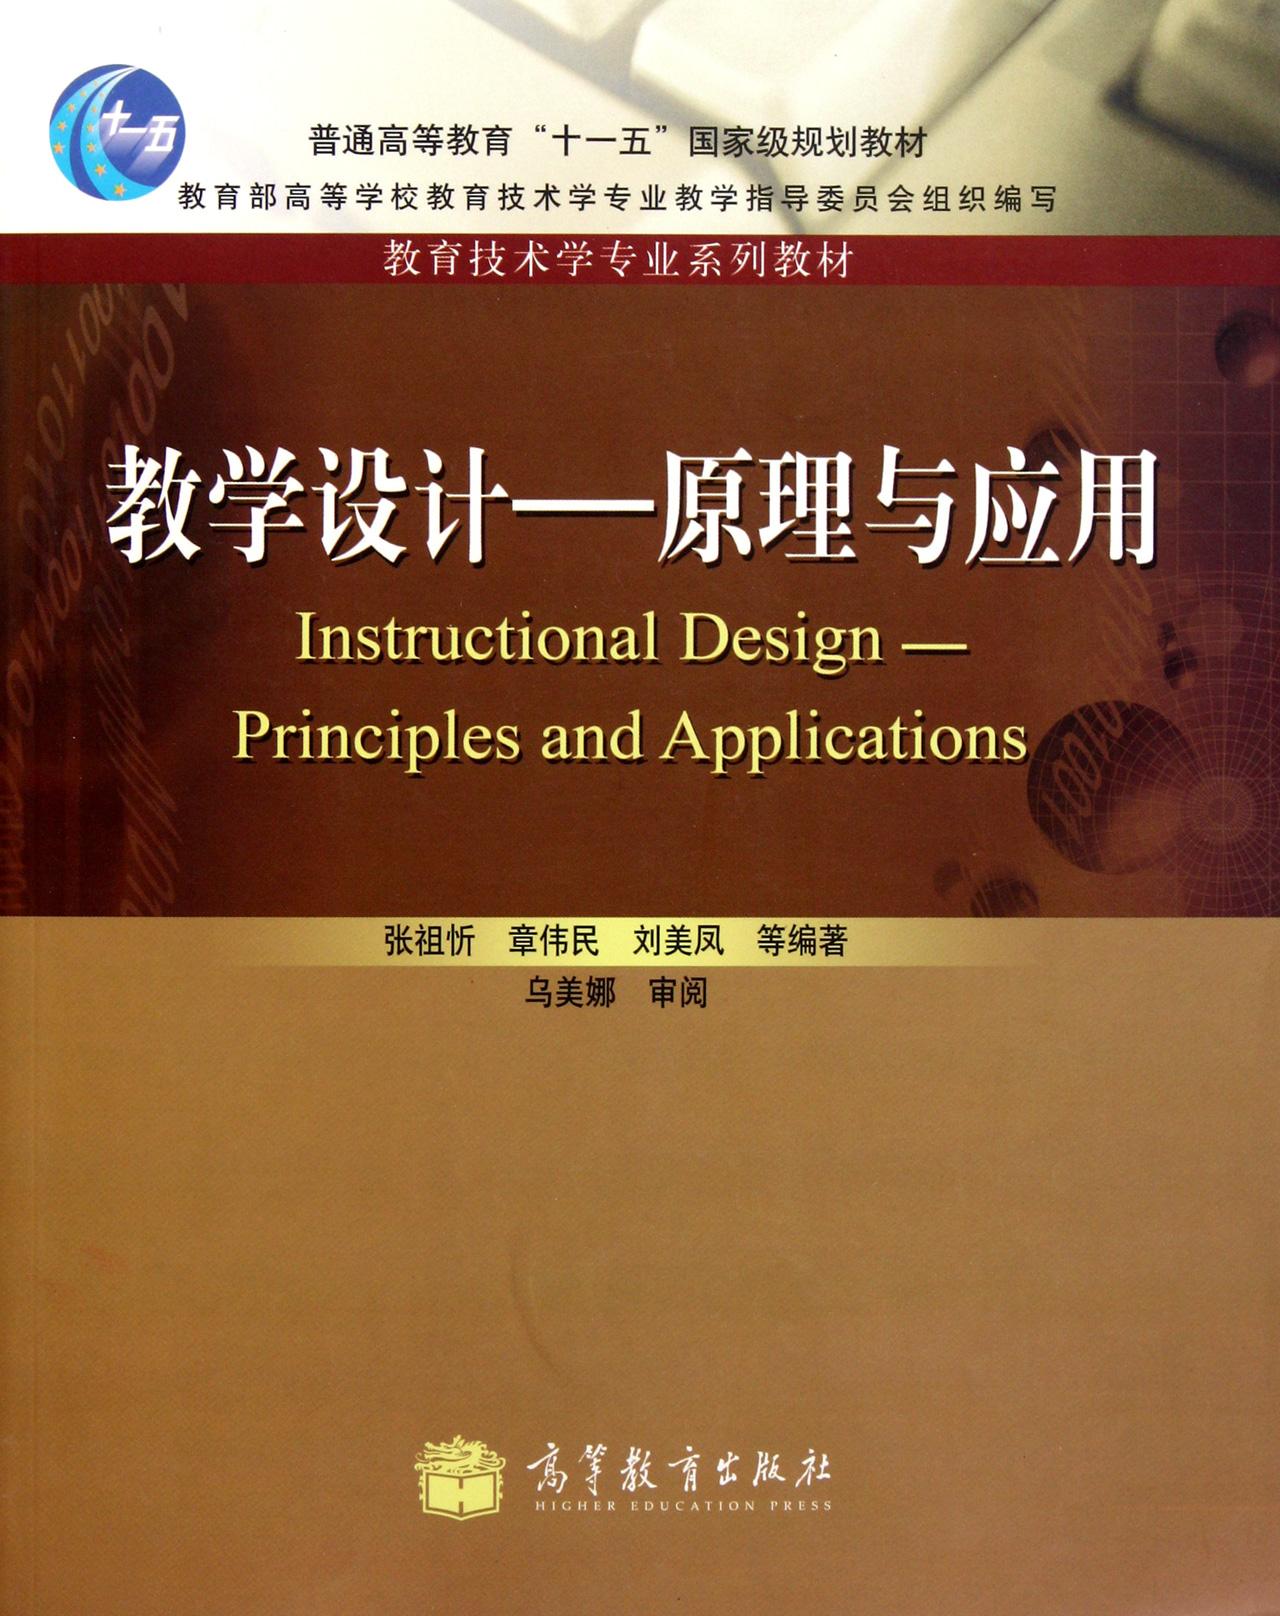 教学设计--原理与应用(教育技术学专业系列教材普通高等教育十一五***